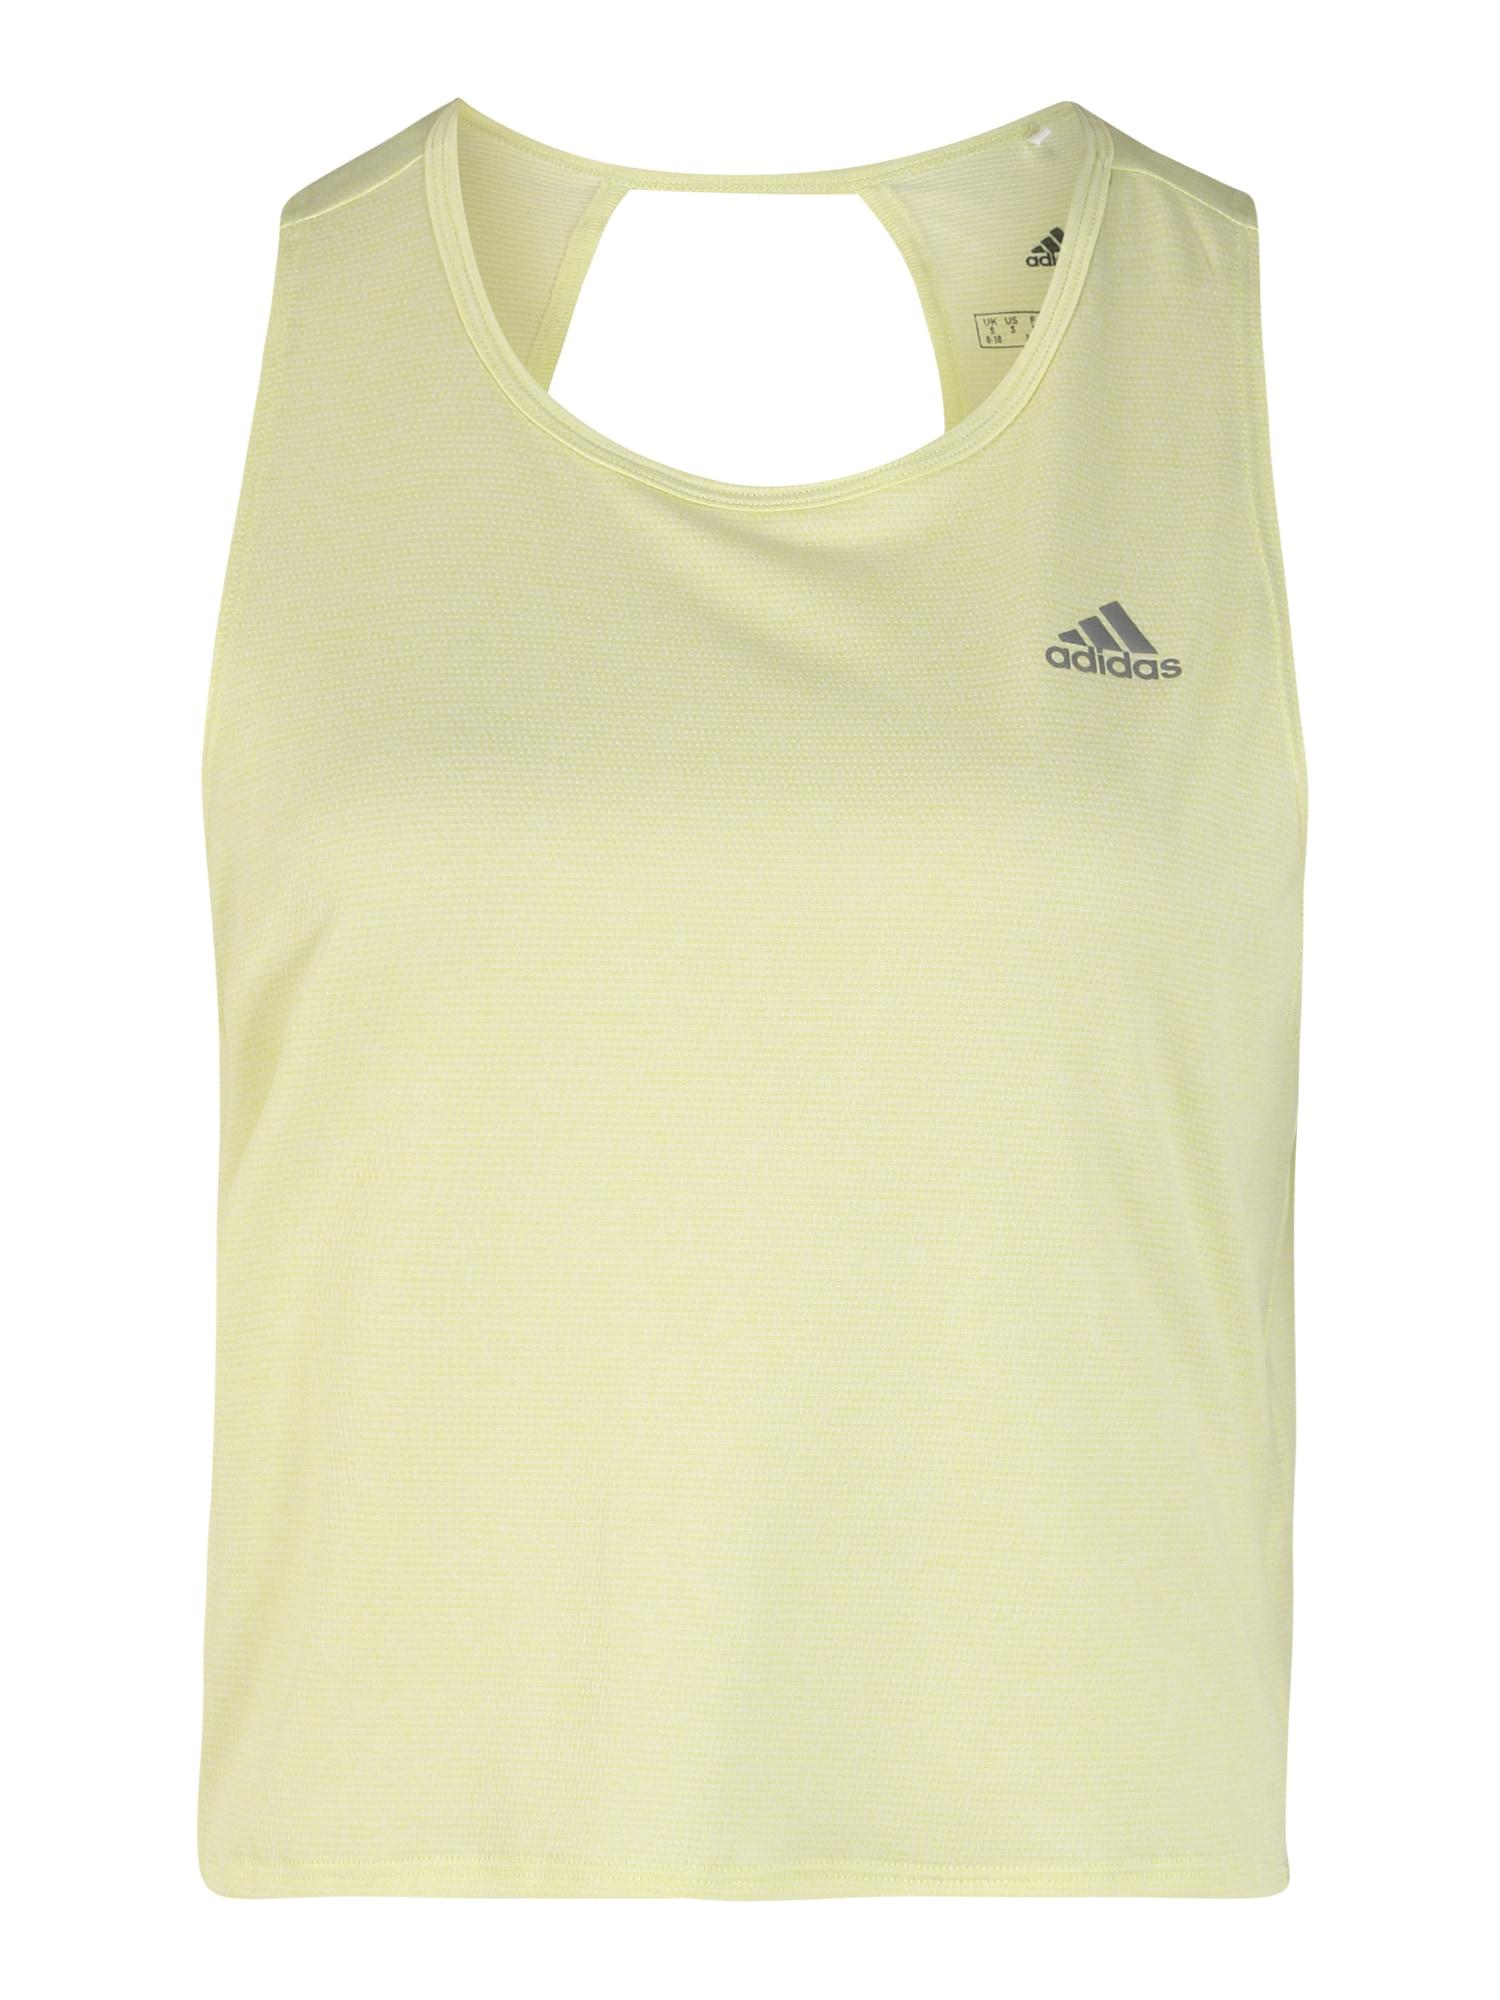 ADIDAS PERFORMANCE Sportiniai marškinėliai be rankovių geltona